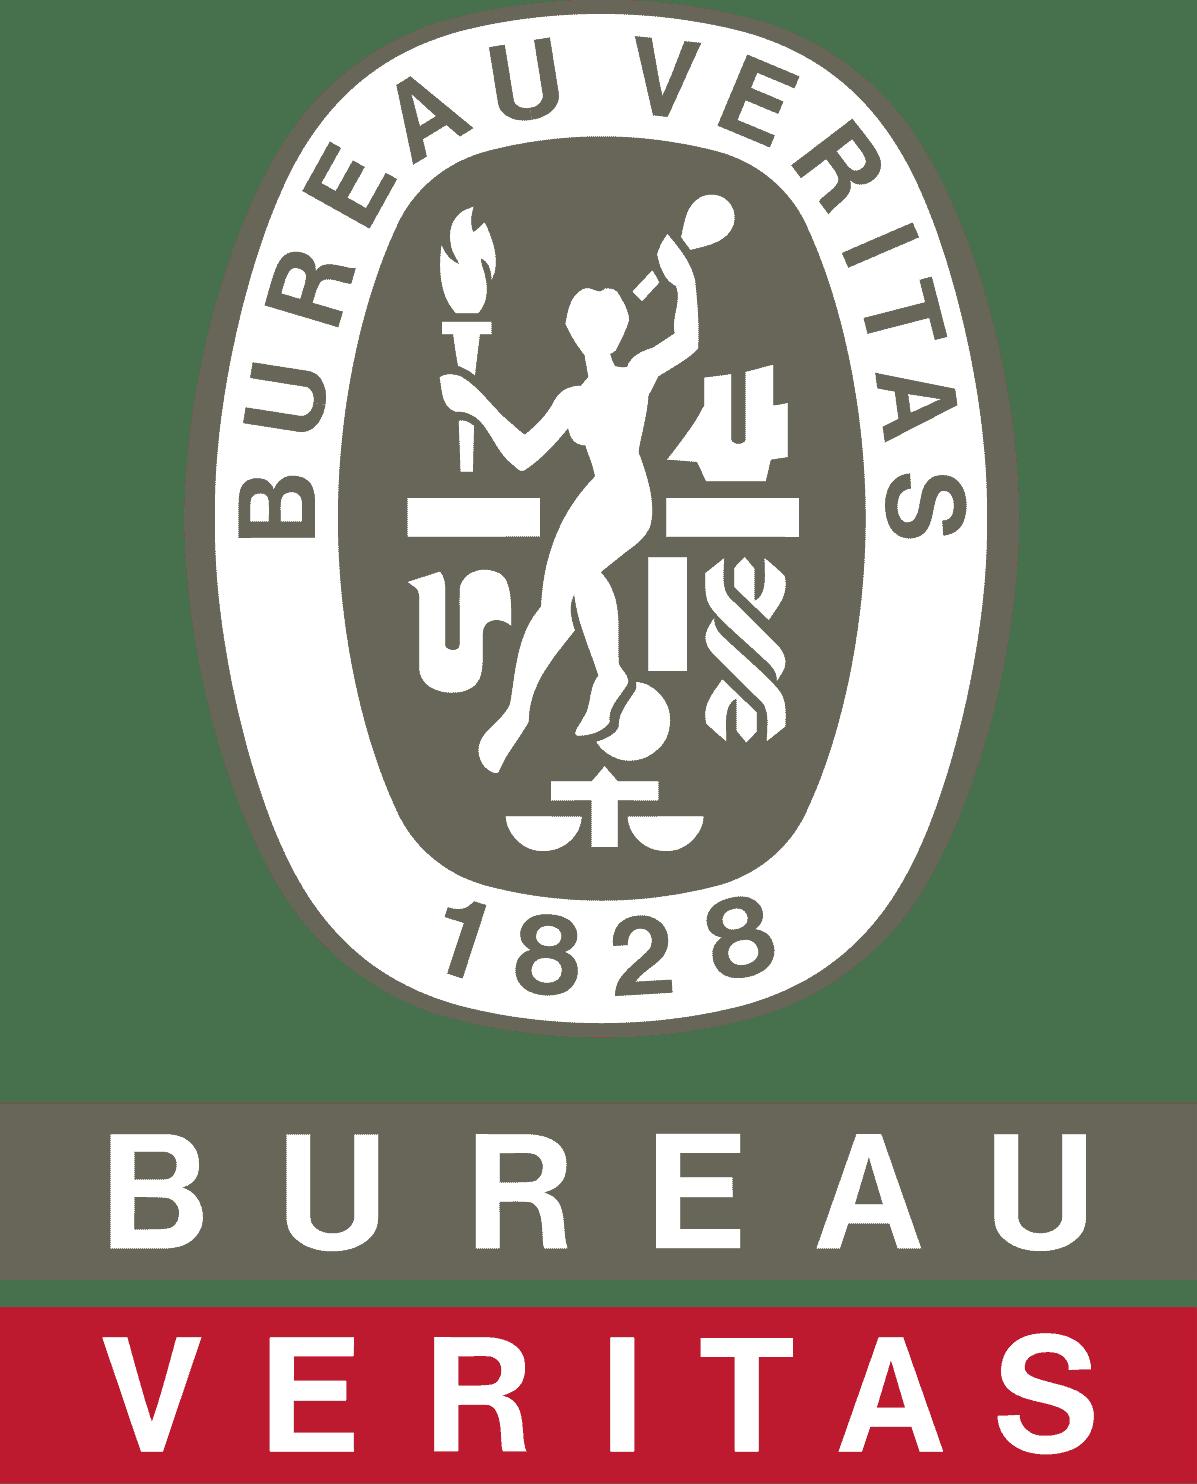 Bureau Veritas Logo png